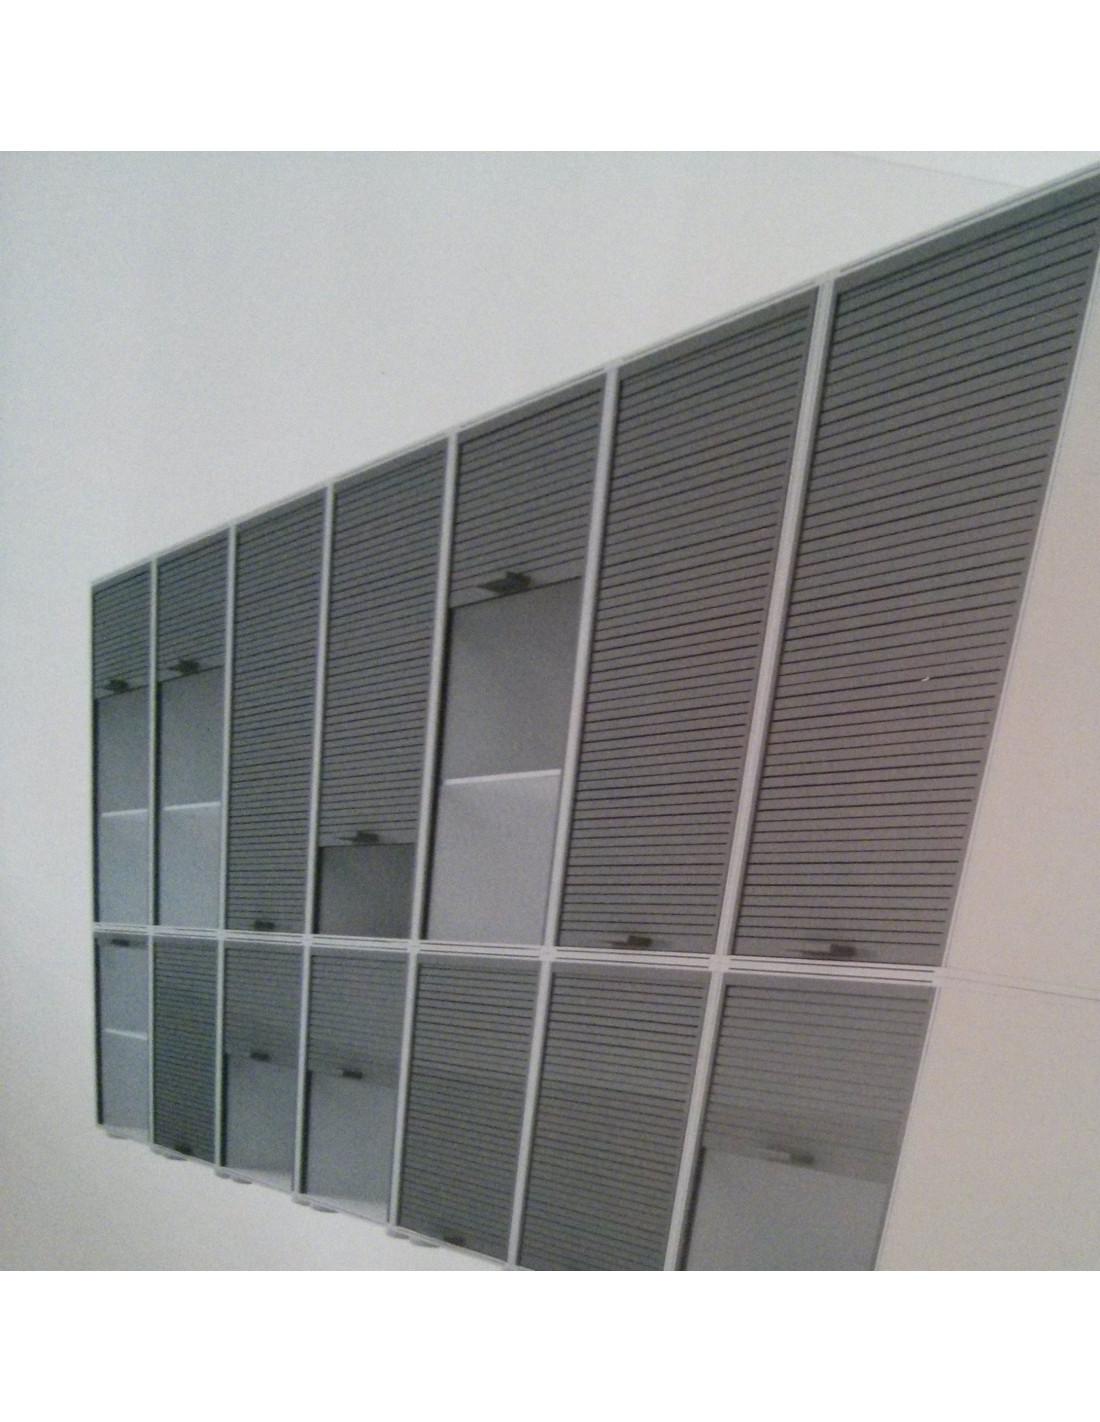 Modulo armario con puertas de persiana garaje 126x62 5cm - Puertas de persiana ...